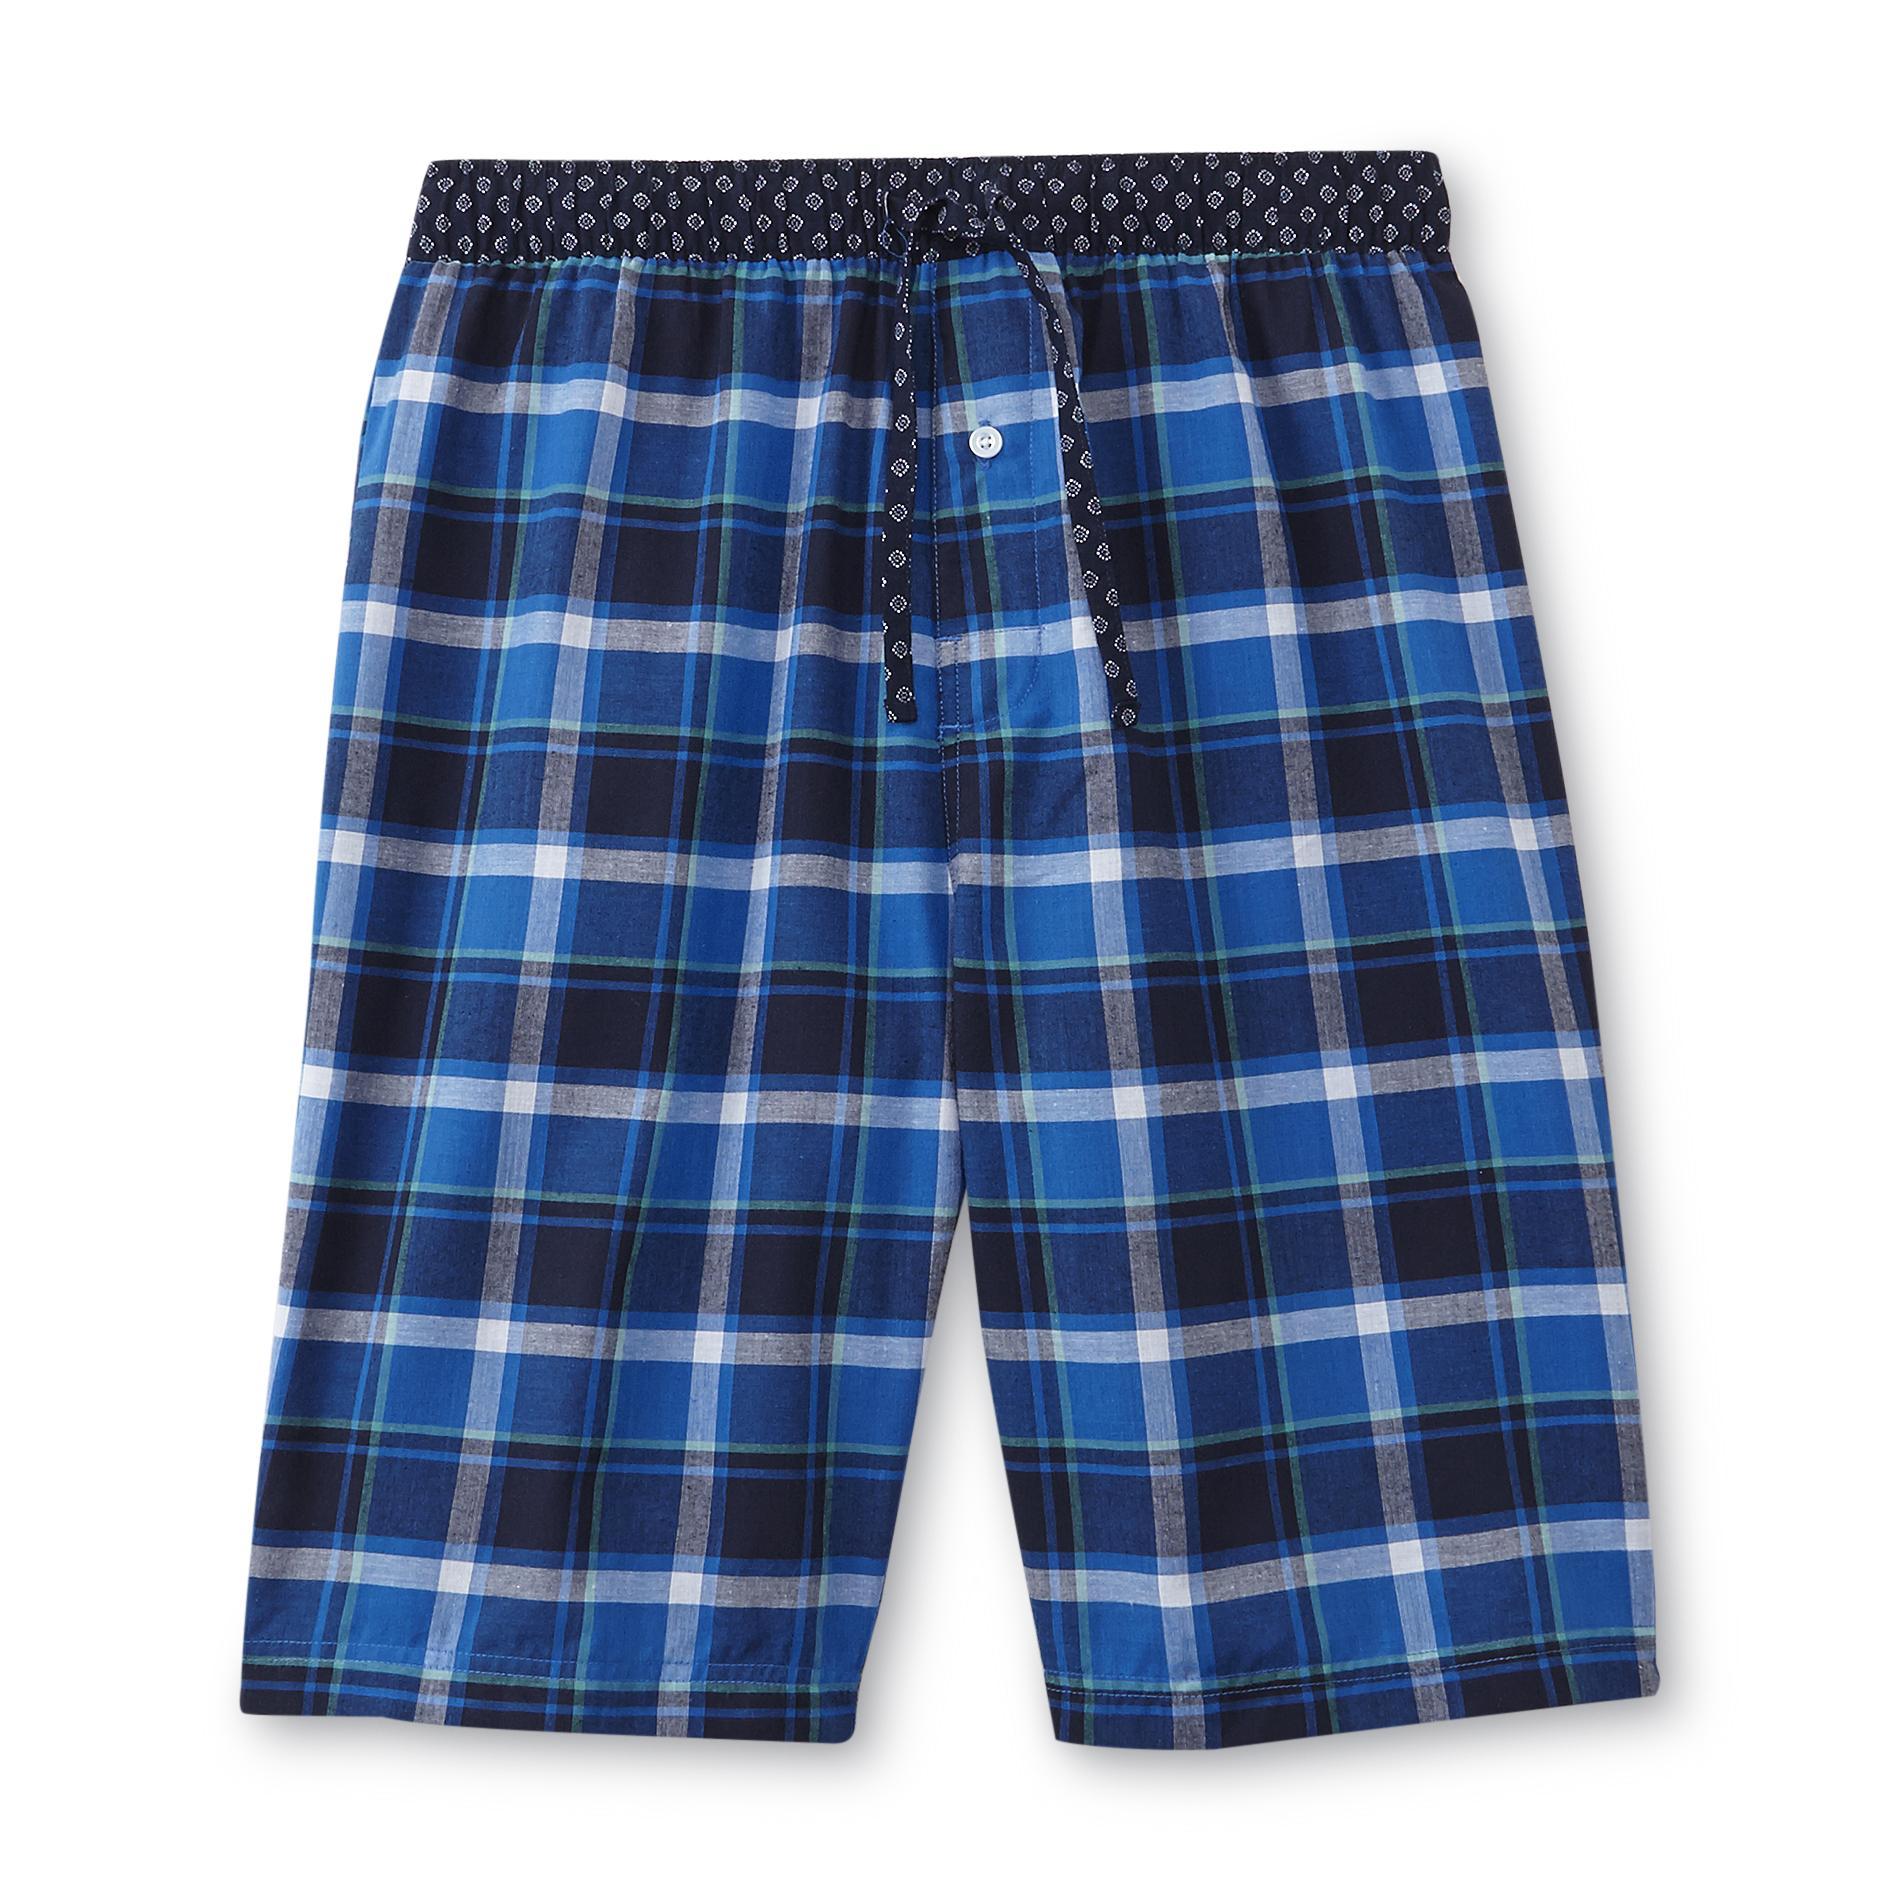 Men's Poplin Pajama Shorts - Plaid